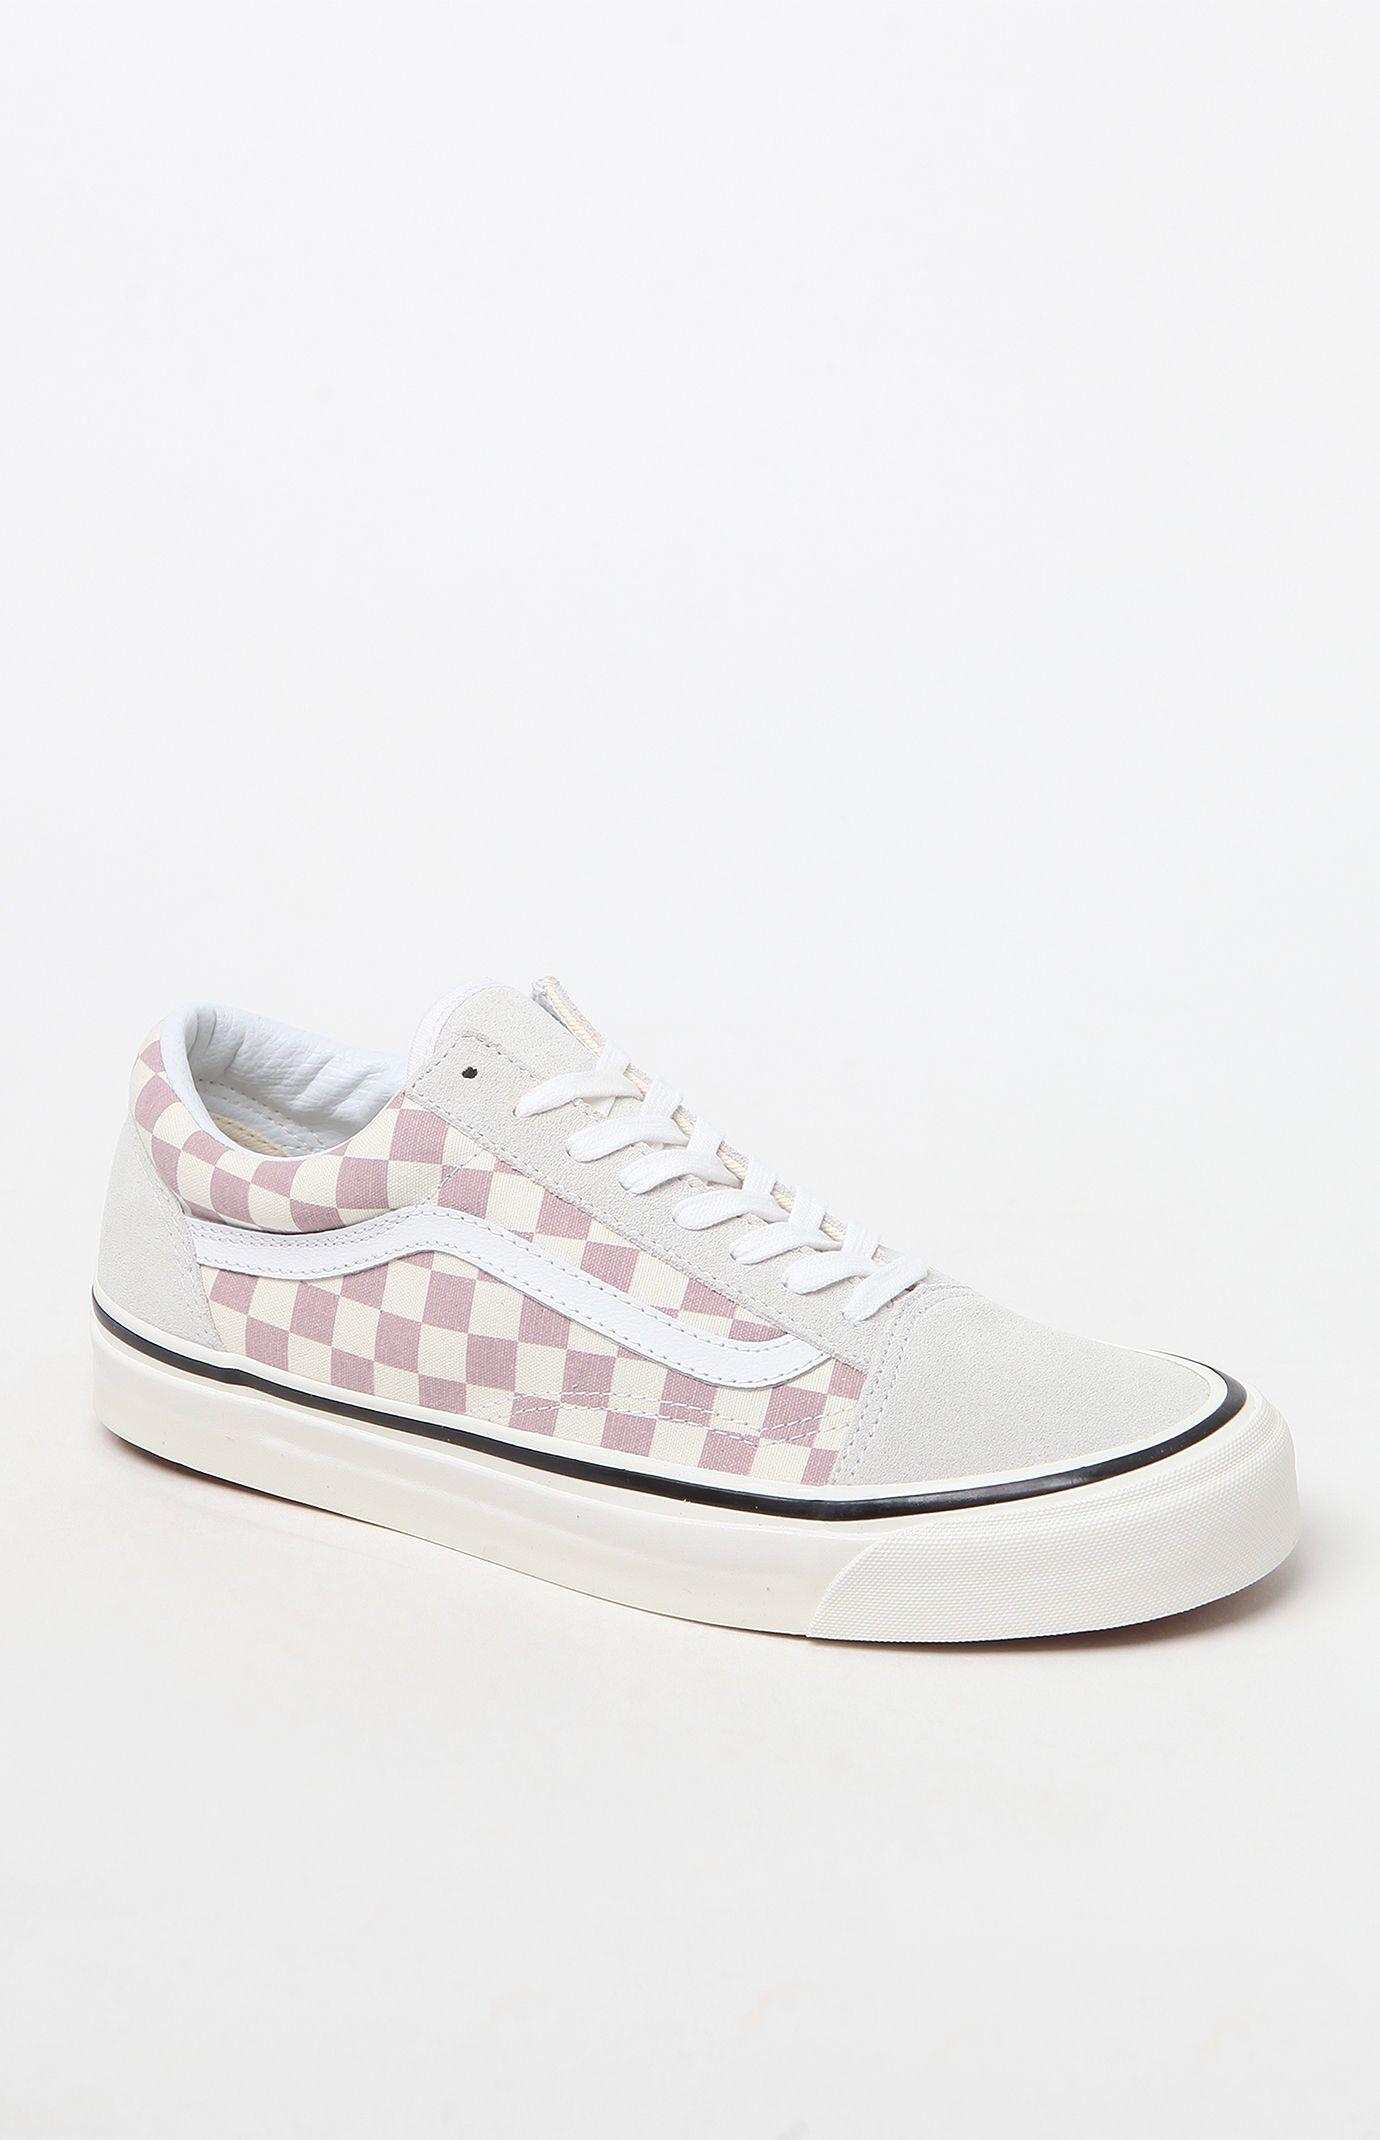 pink checkered vans pacsun